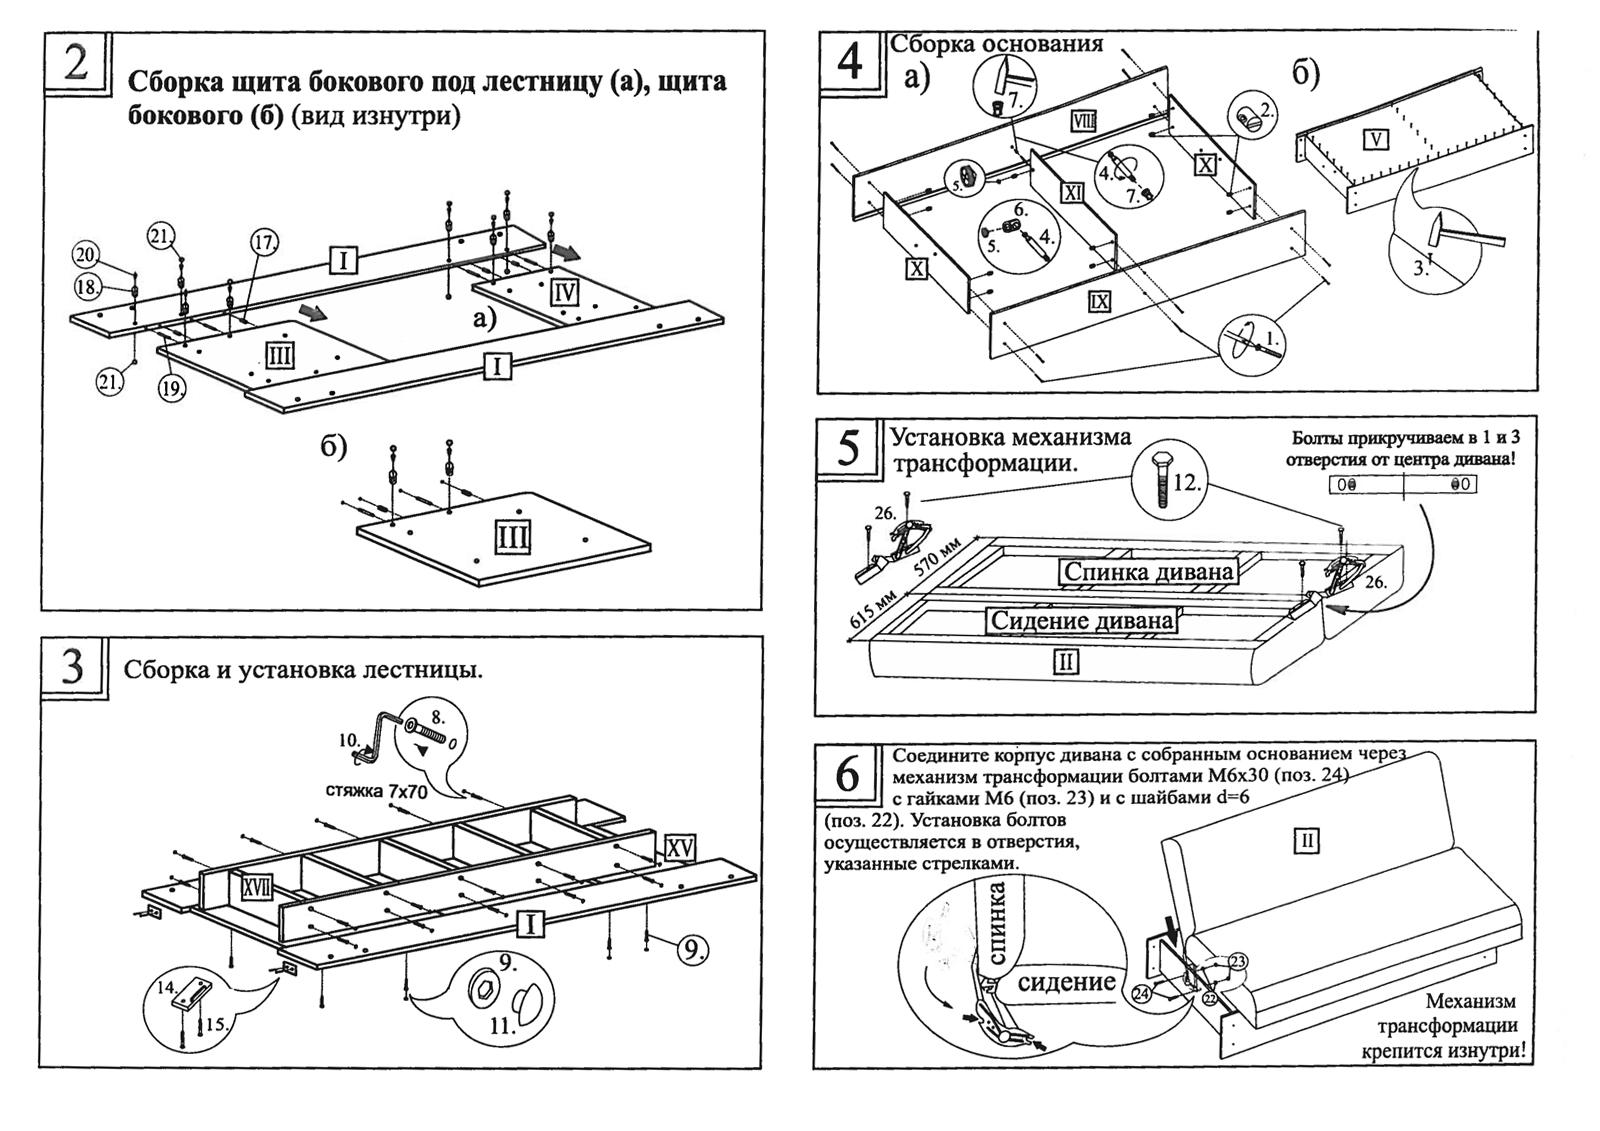 Сборка комода с выдвижными ящиками: подробная инструкция с фото 35